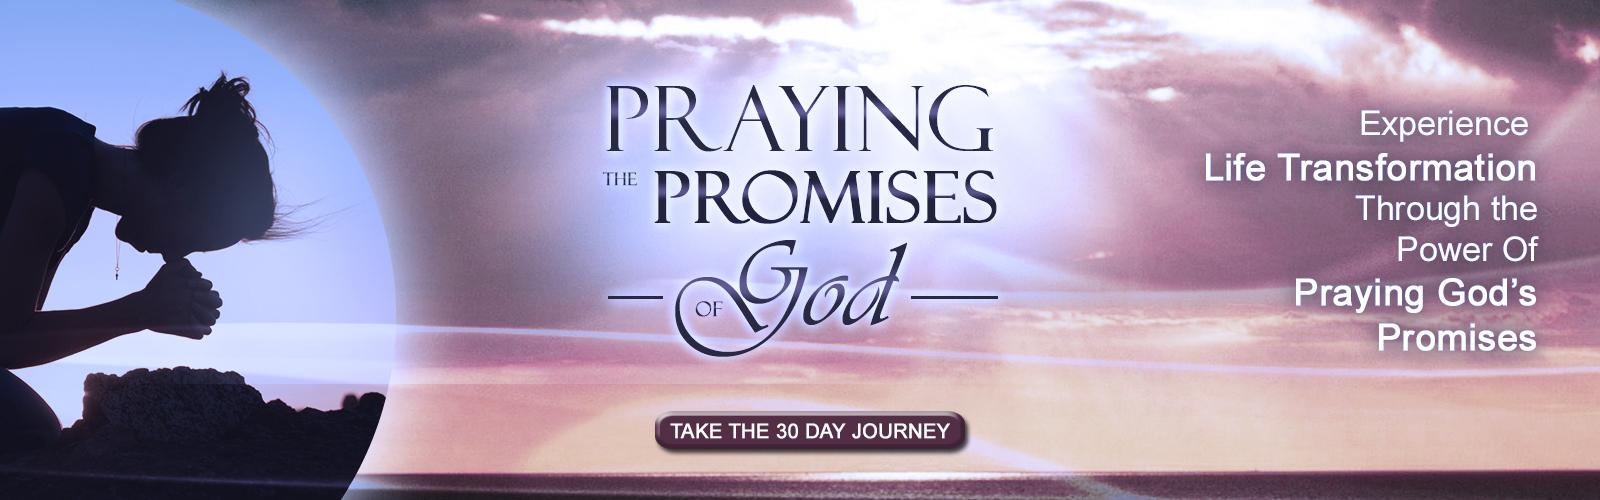 slider_praying_Gods_promises